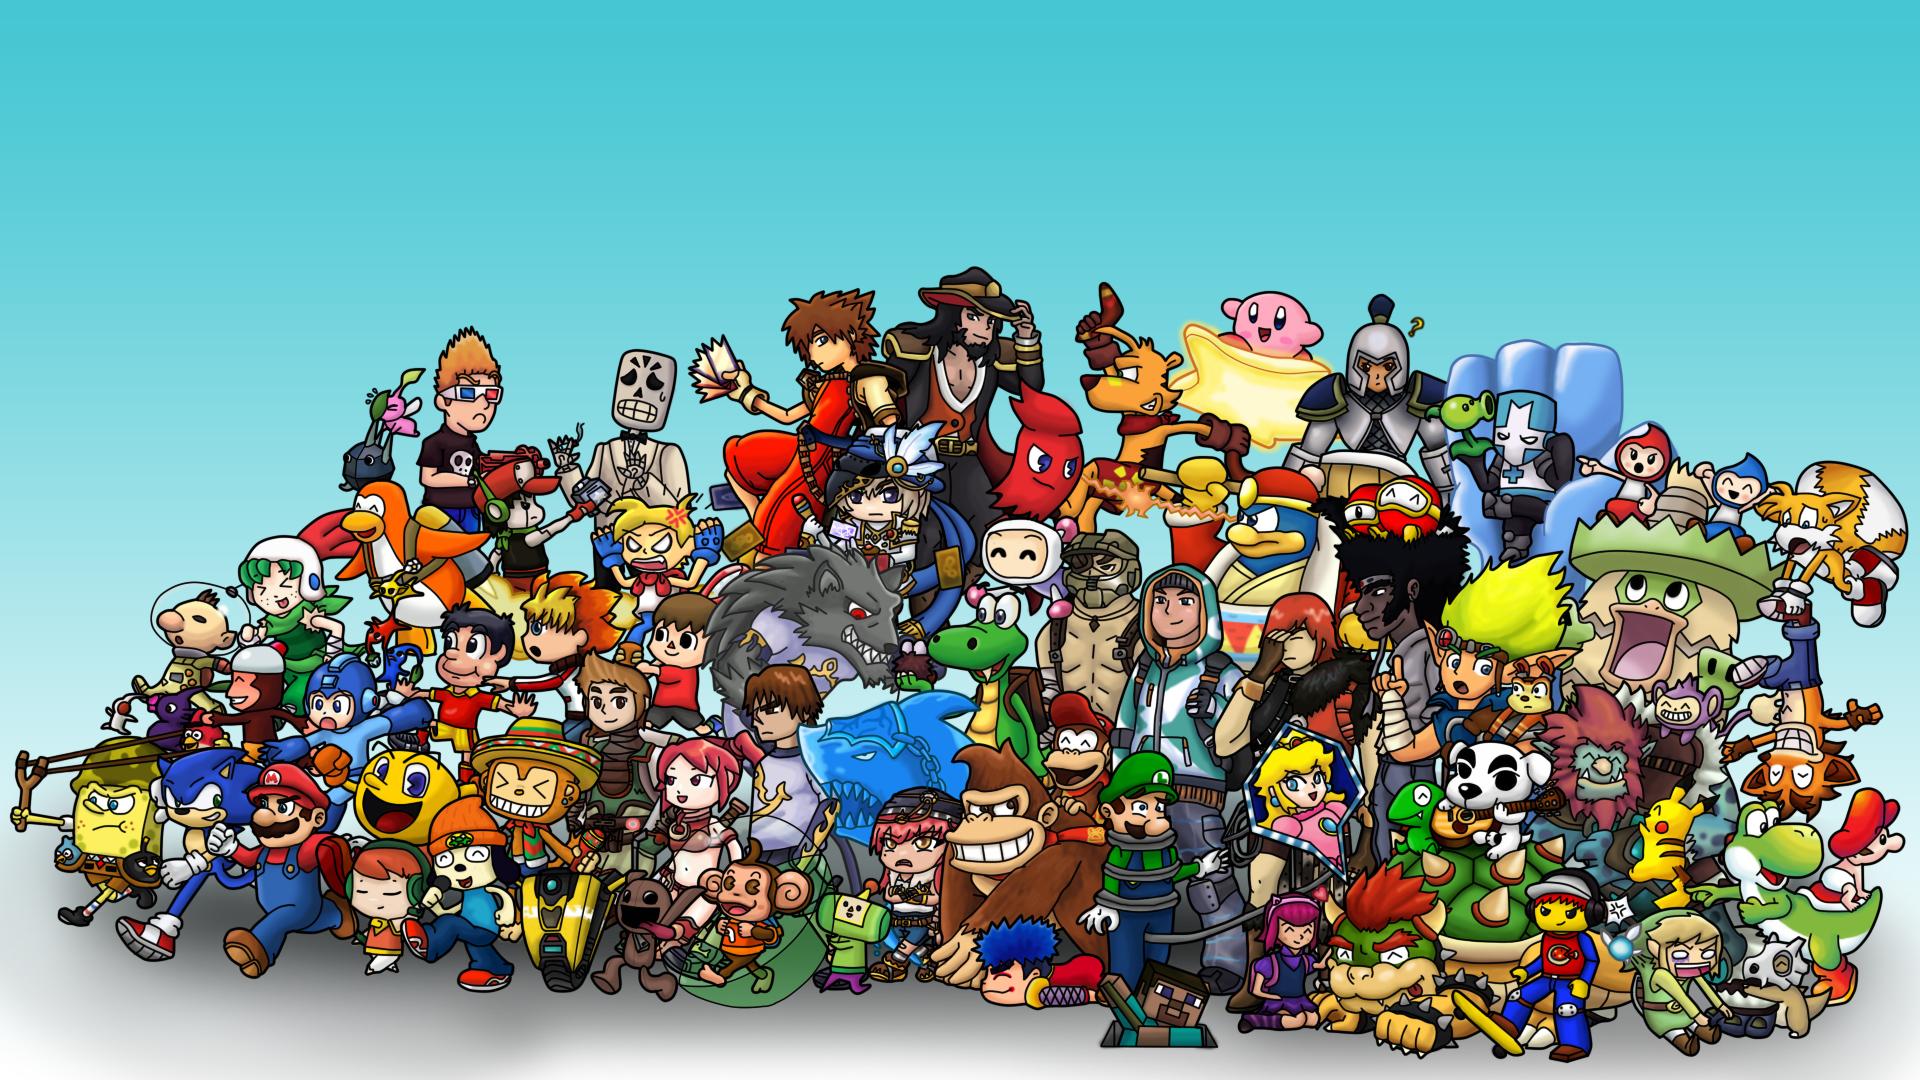 Video Game Wallpaper Dump Retro Gaming Wallpapers Full HD